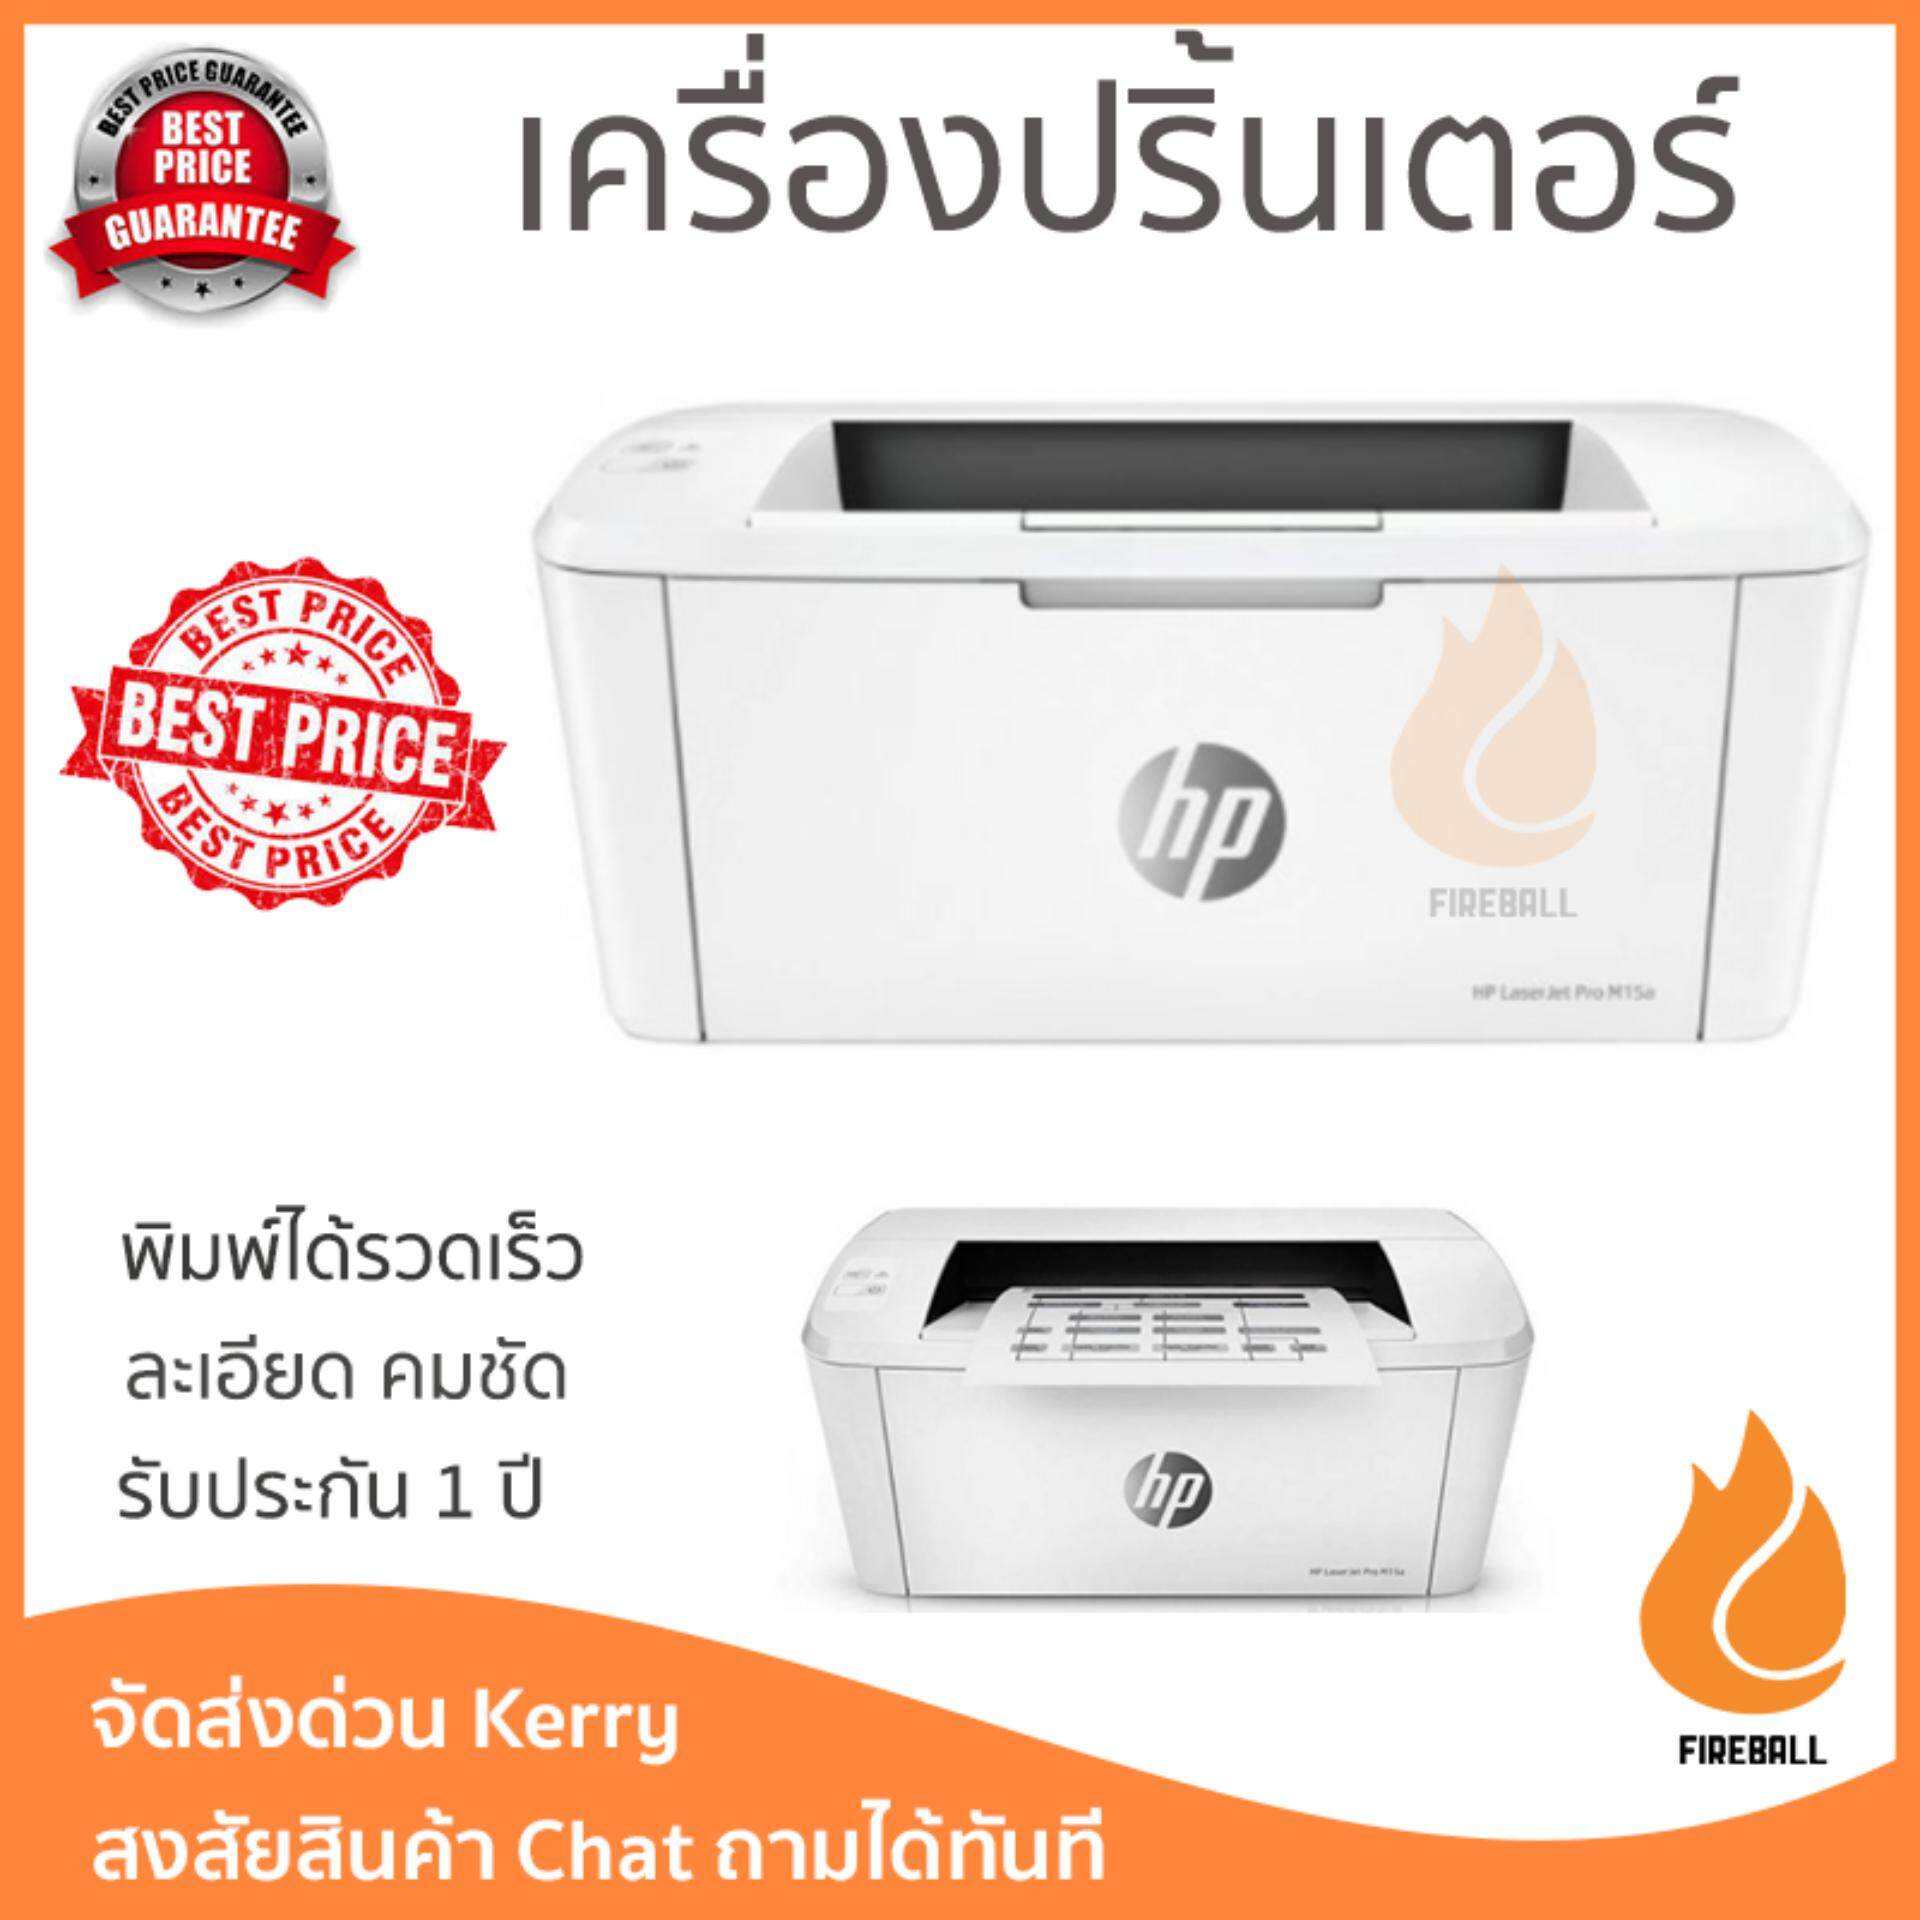 ขายดีมาก! โปรโมชัน เครื่องพิมพ์เลเซอร์           HP ปริ้นเตอร์ เลเซอร์ รุ่น Pro M15A             ความละเอียดสูง คมชัด พิมพ์ได้รวดเร็ว เครื่องปริ้น เครื่องปริ้นท์ Laser Printer รับประกันสินค้า 1 ปี จัด